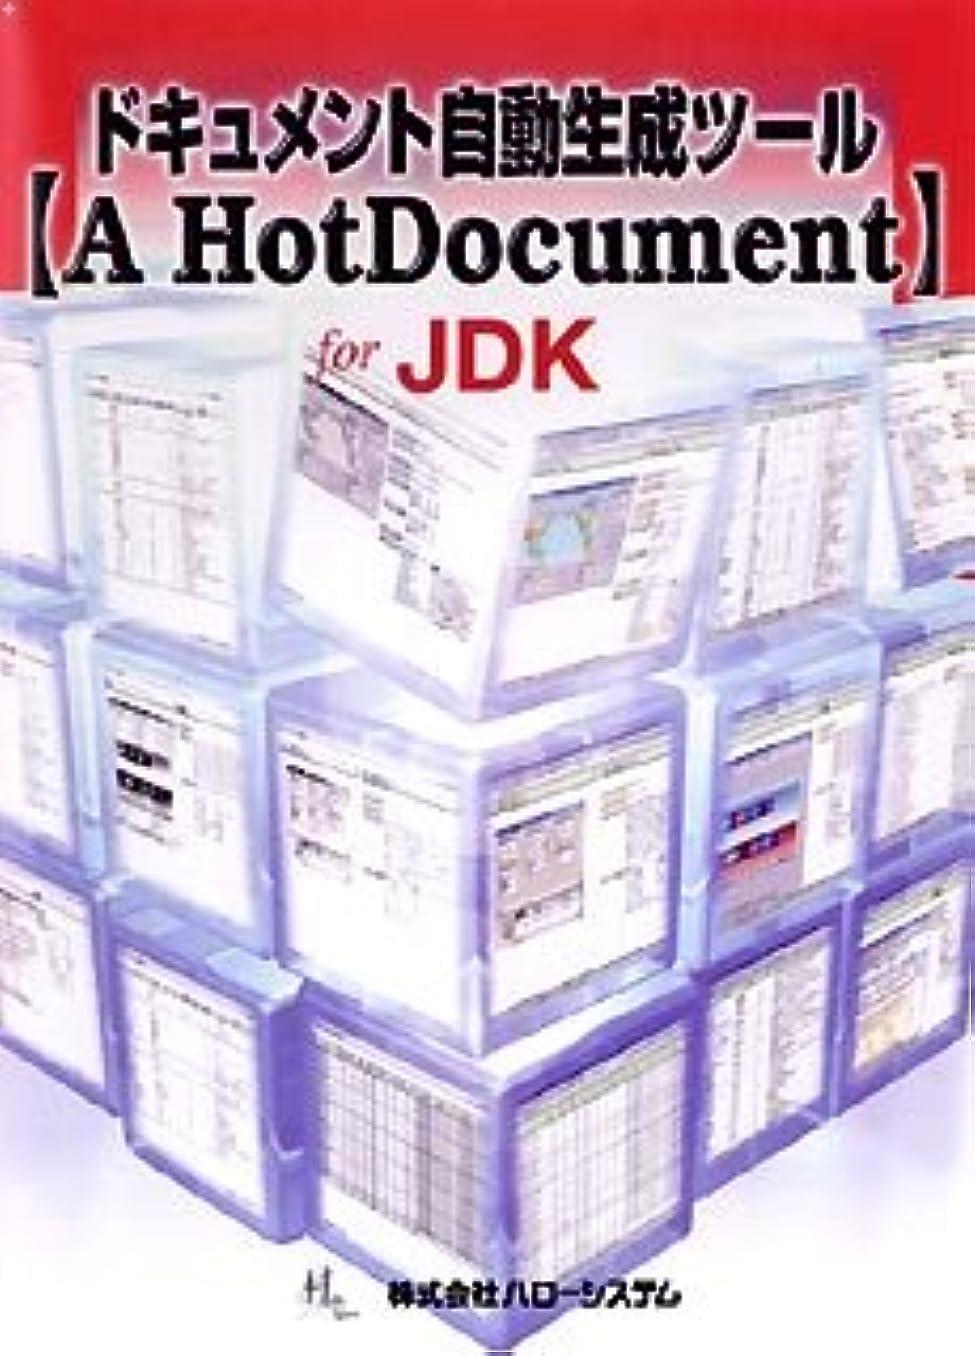 ドライブ自殺凍結ドキュメント自動生成ツール【A HotDocument】 for JDK